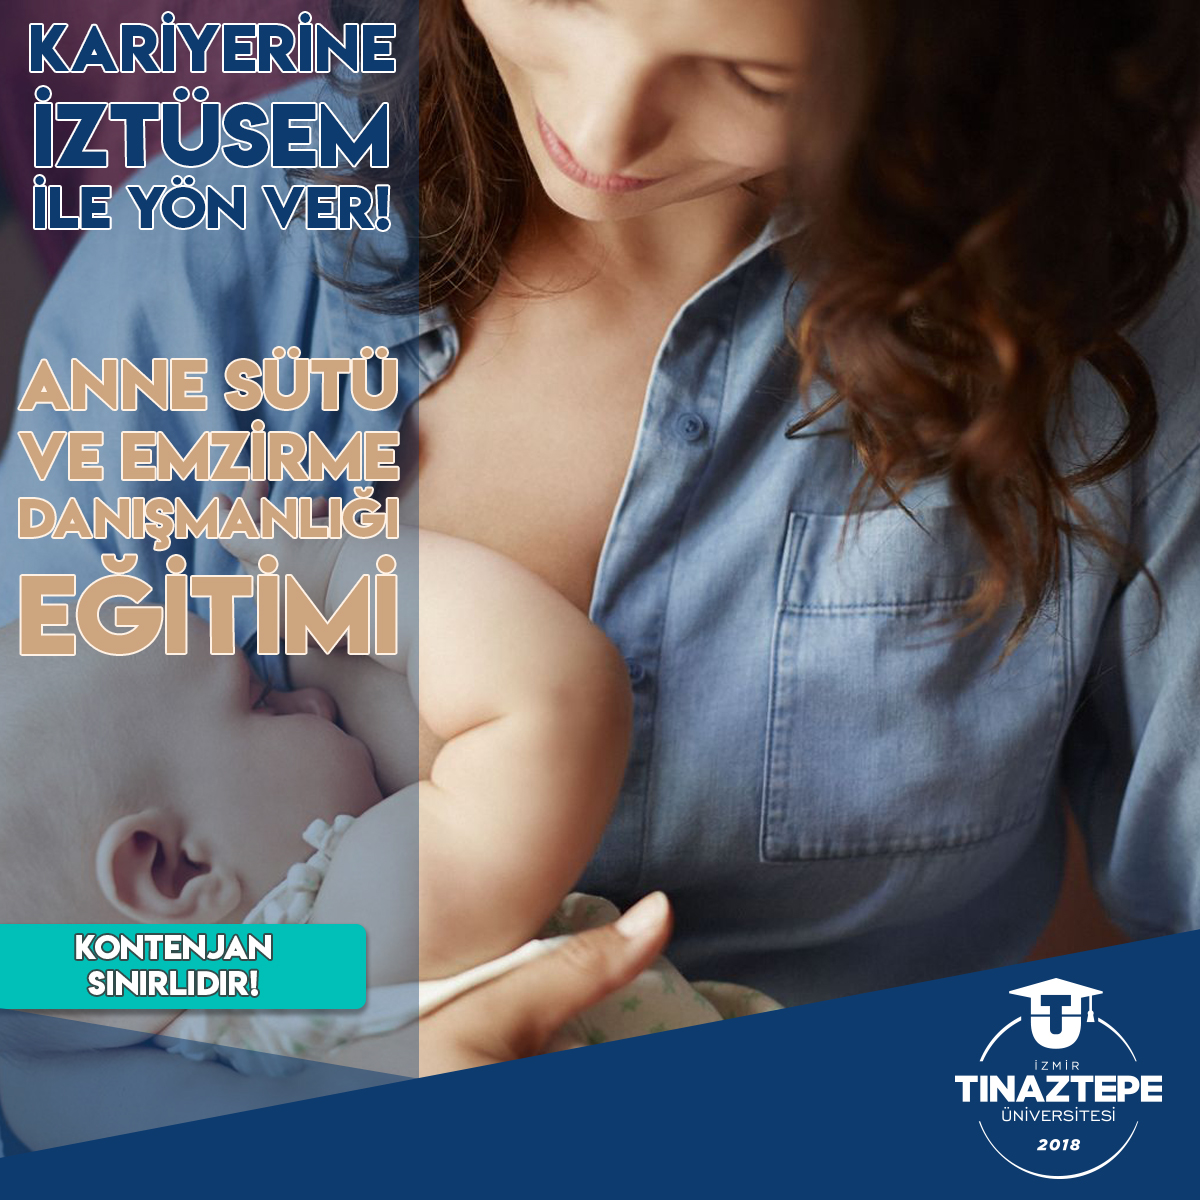 Anne Sütü ve Emzirme Danışmanlığı Eğitimi Programı